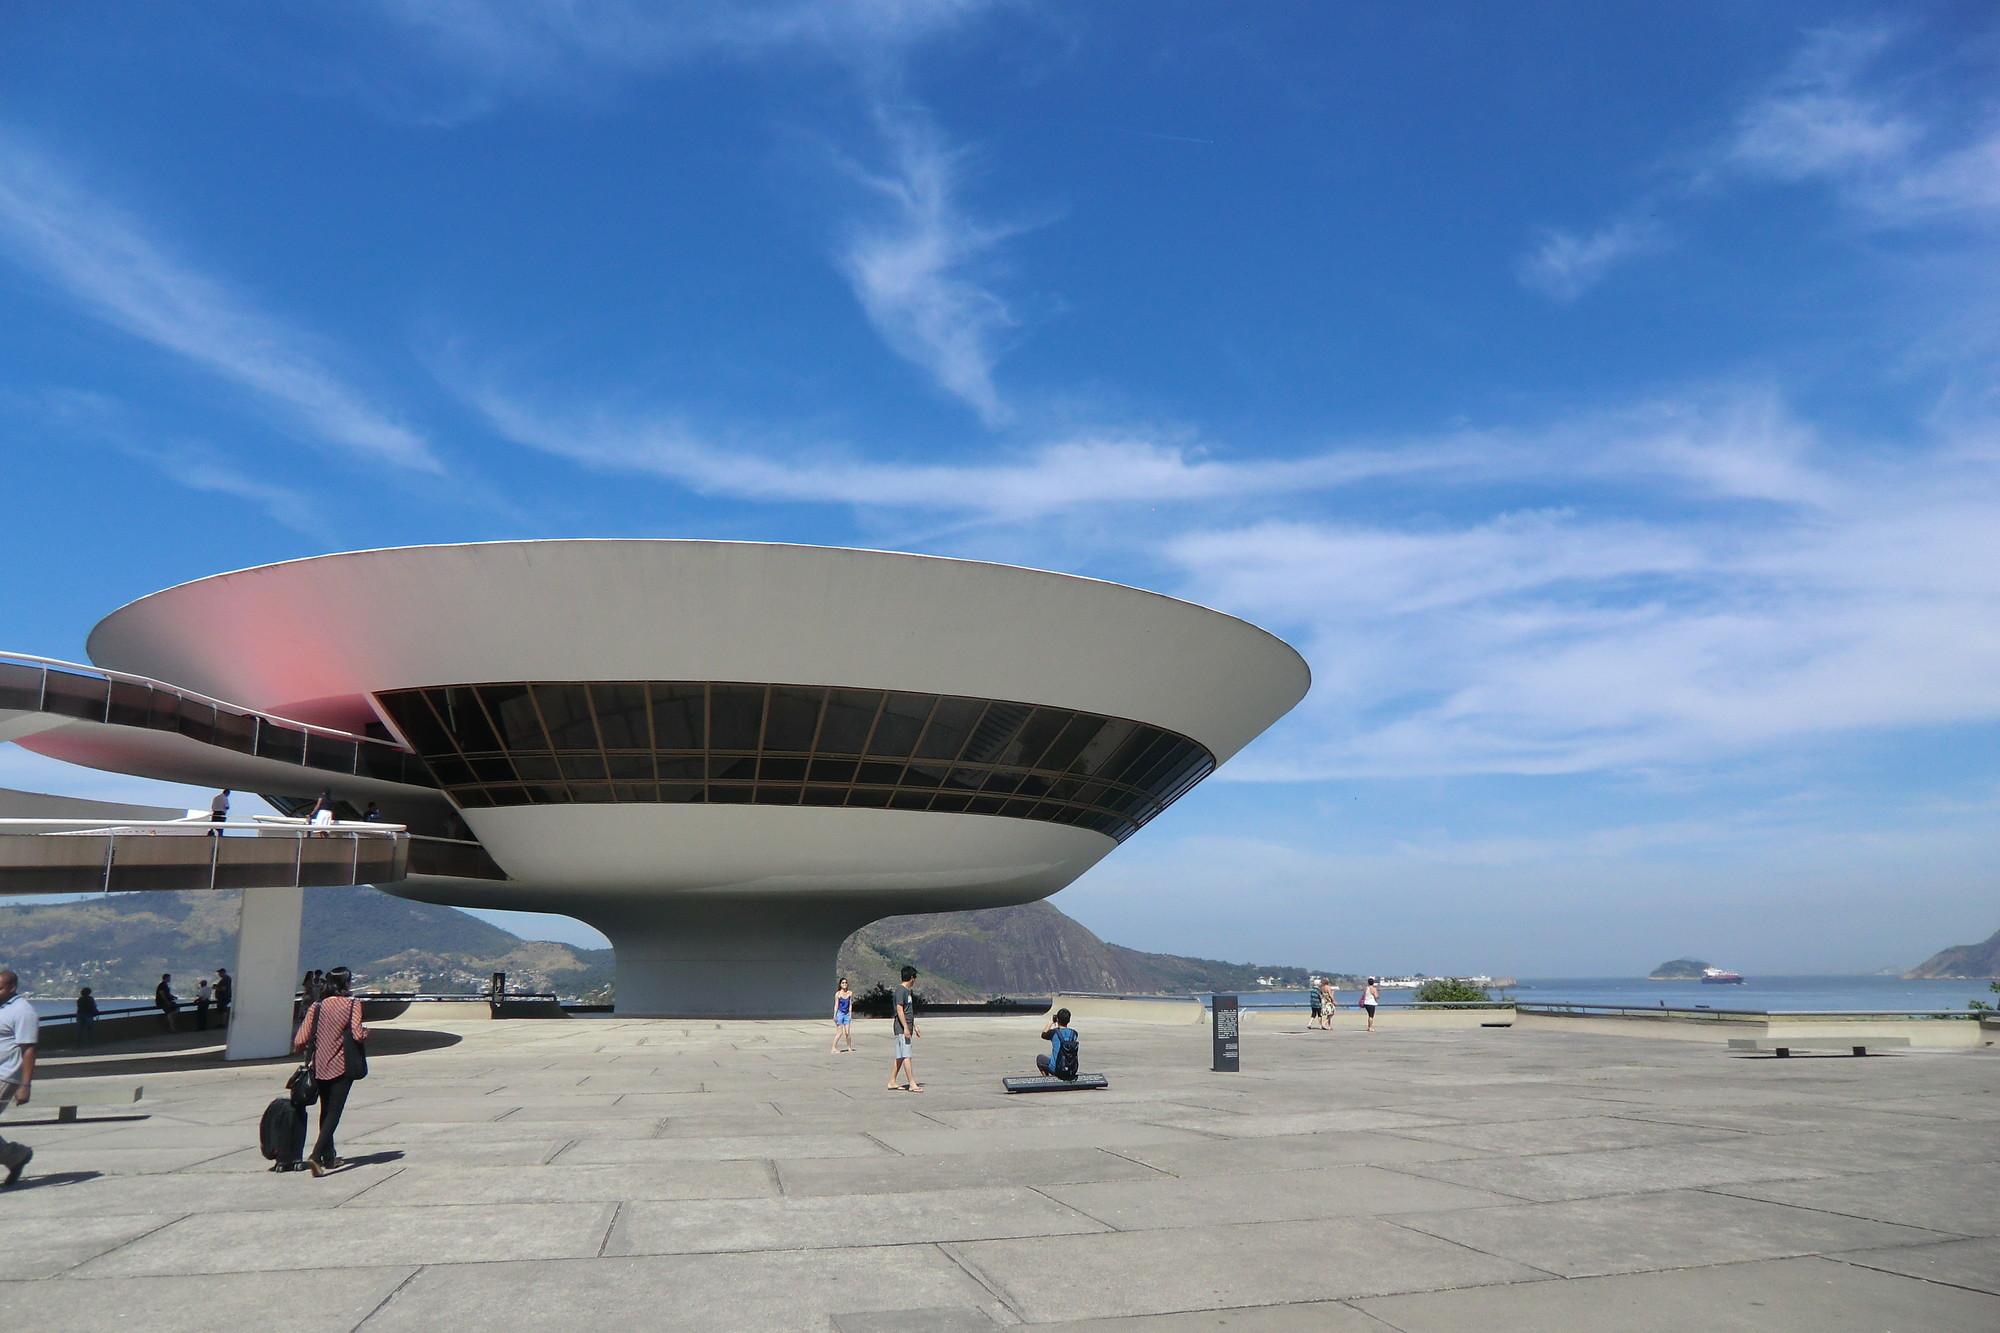 تصميم المتاحف متحف نيتيروي للفن الحديث بالبرازيل- معماري